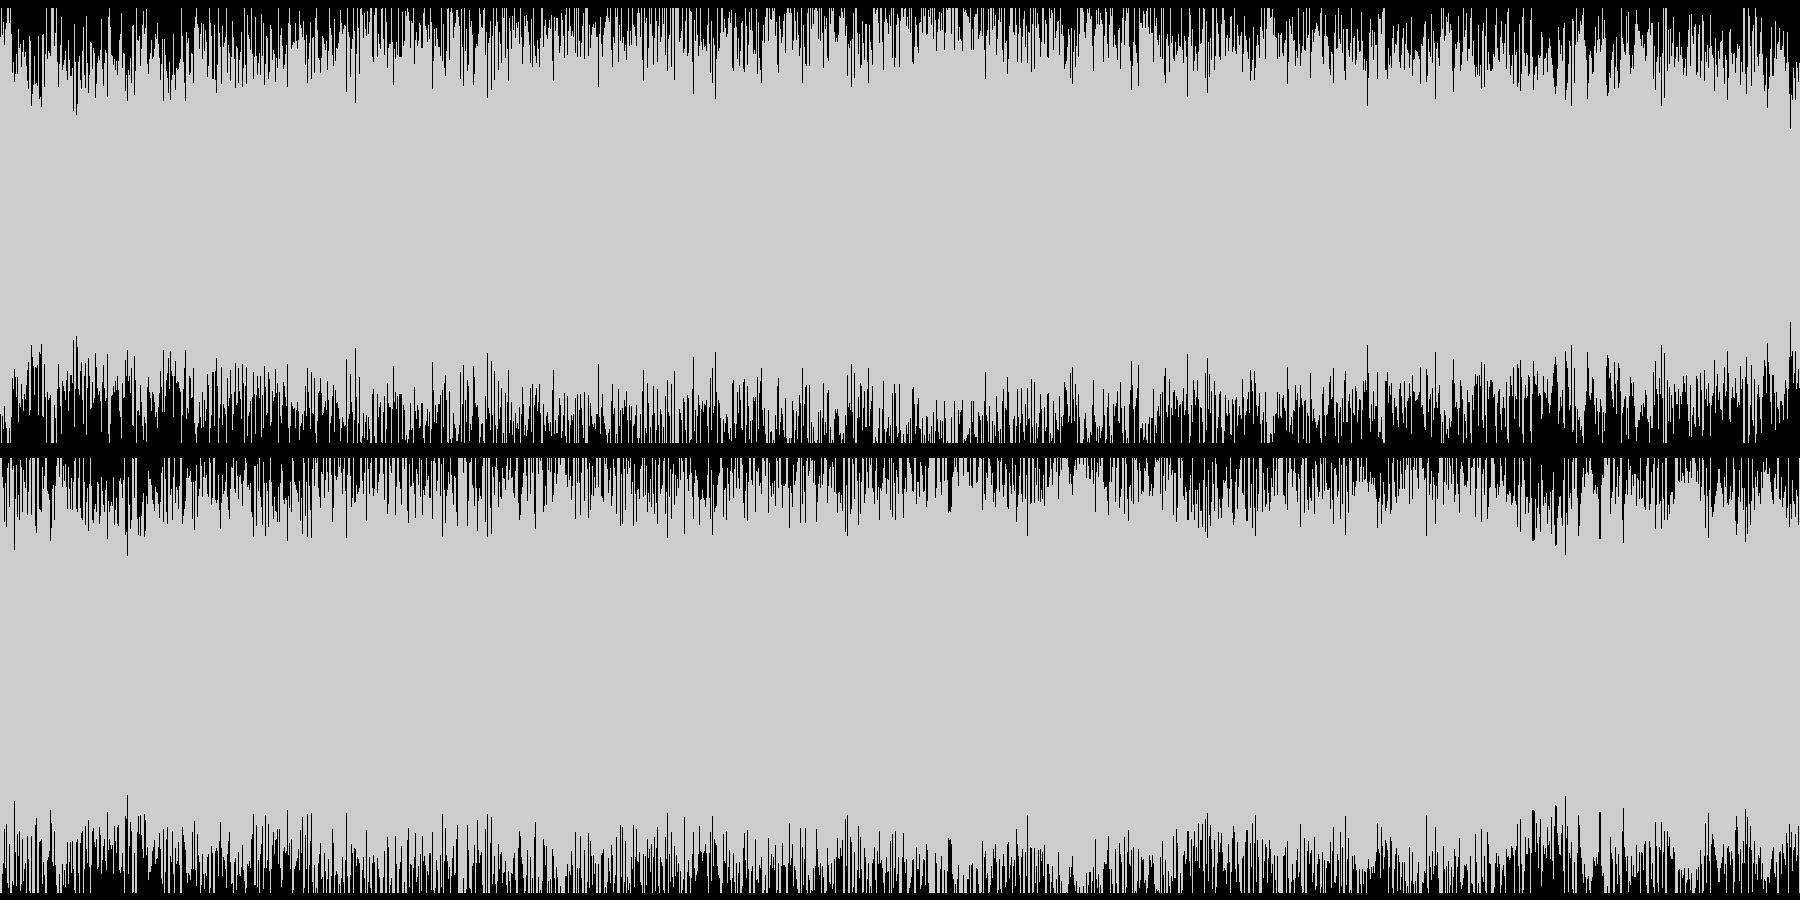 神秘的リキッド・ドラムンベース・ループ◯の未再生の波形